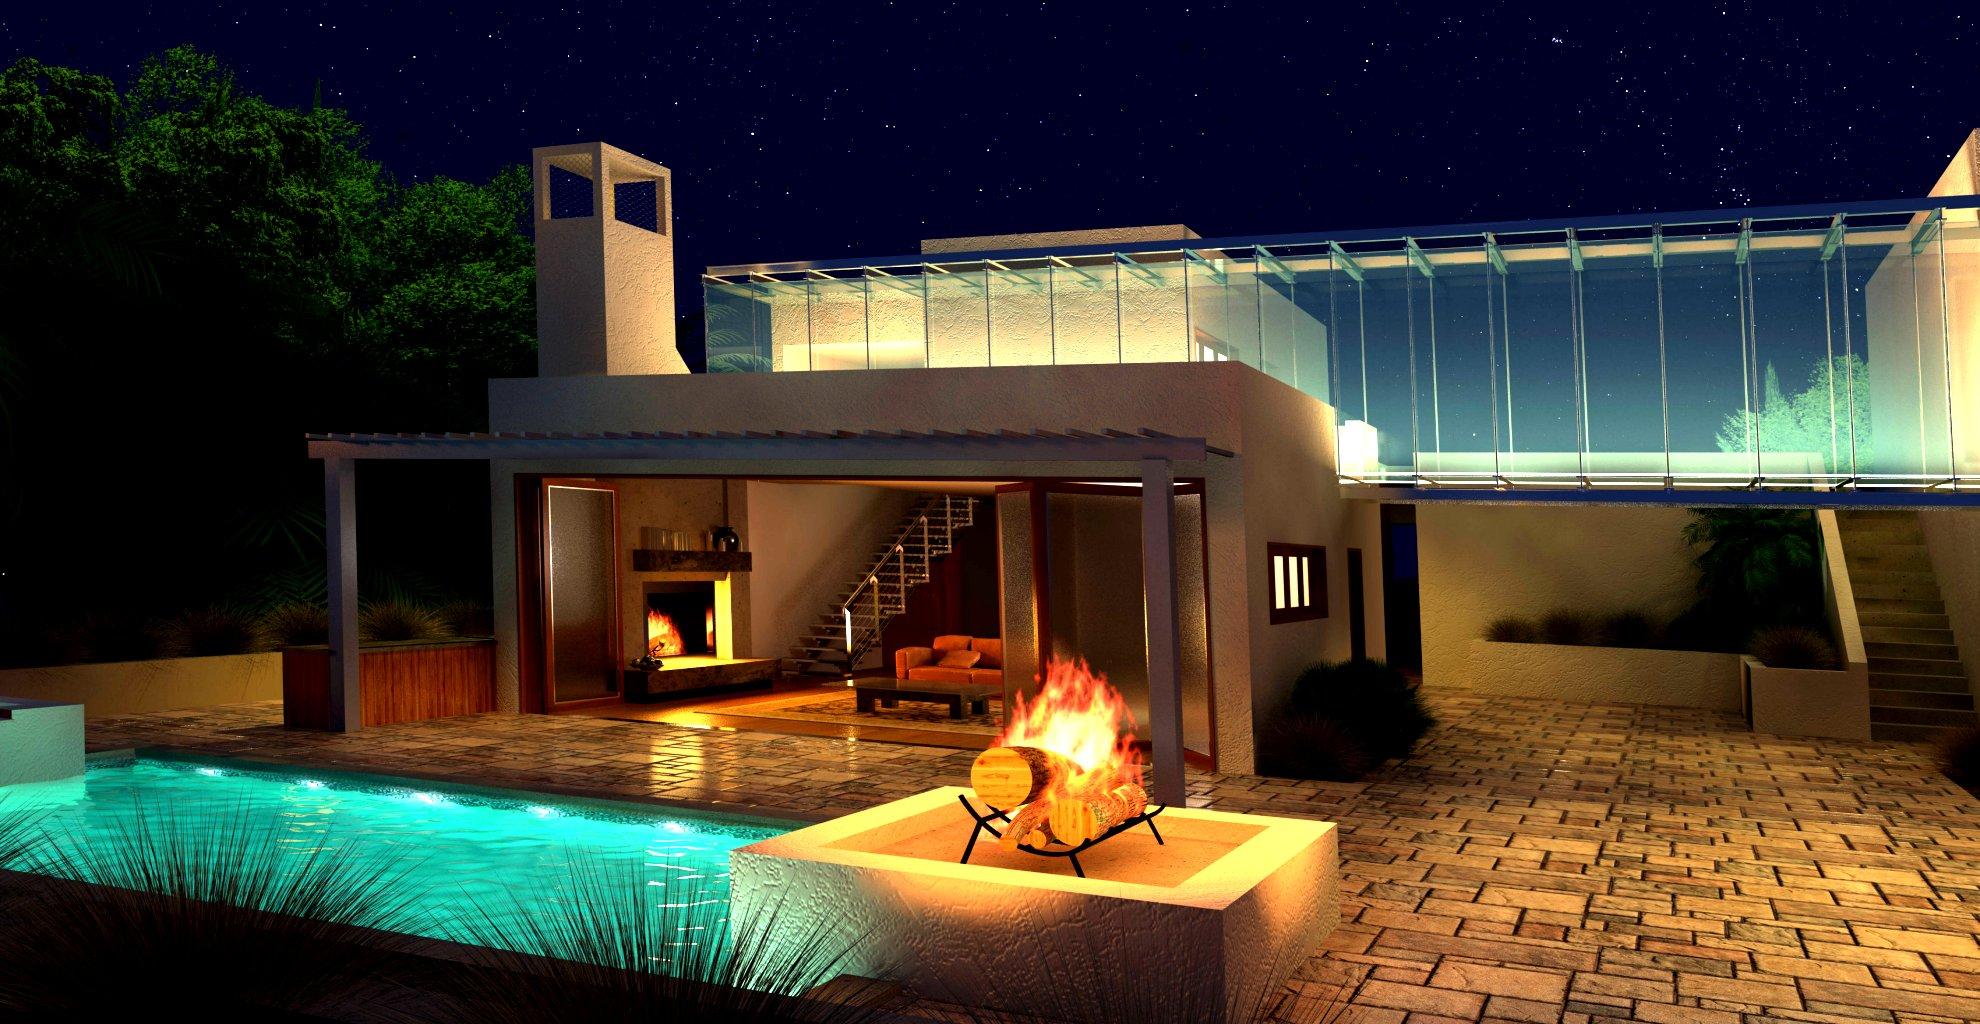 XR3D Studios - ad image